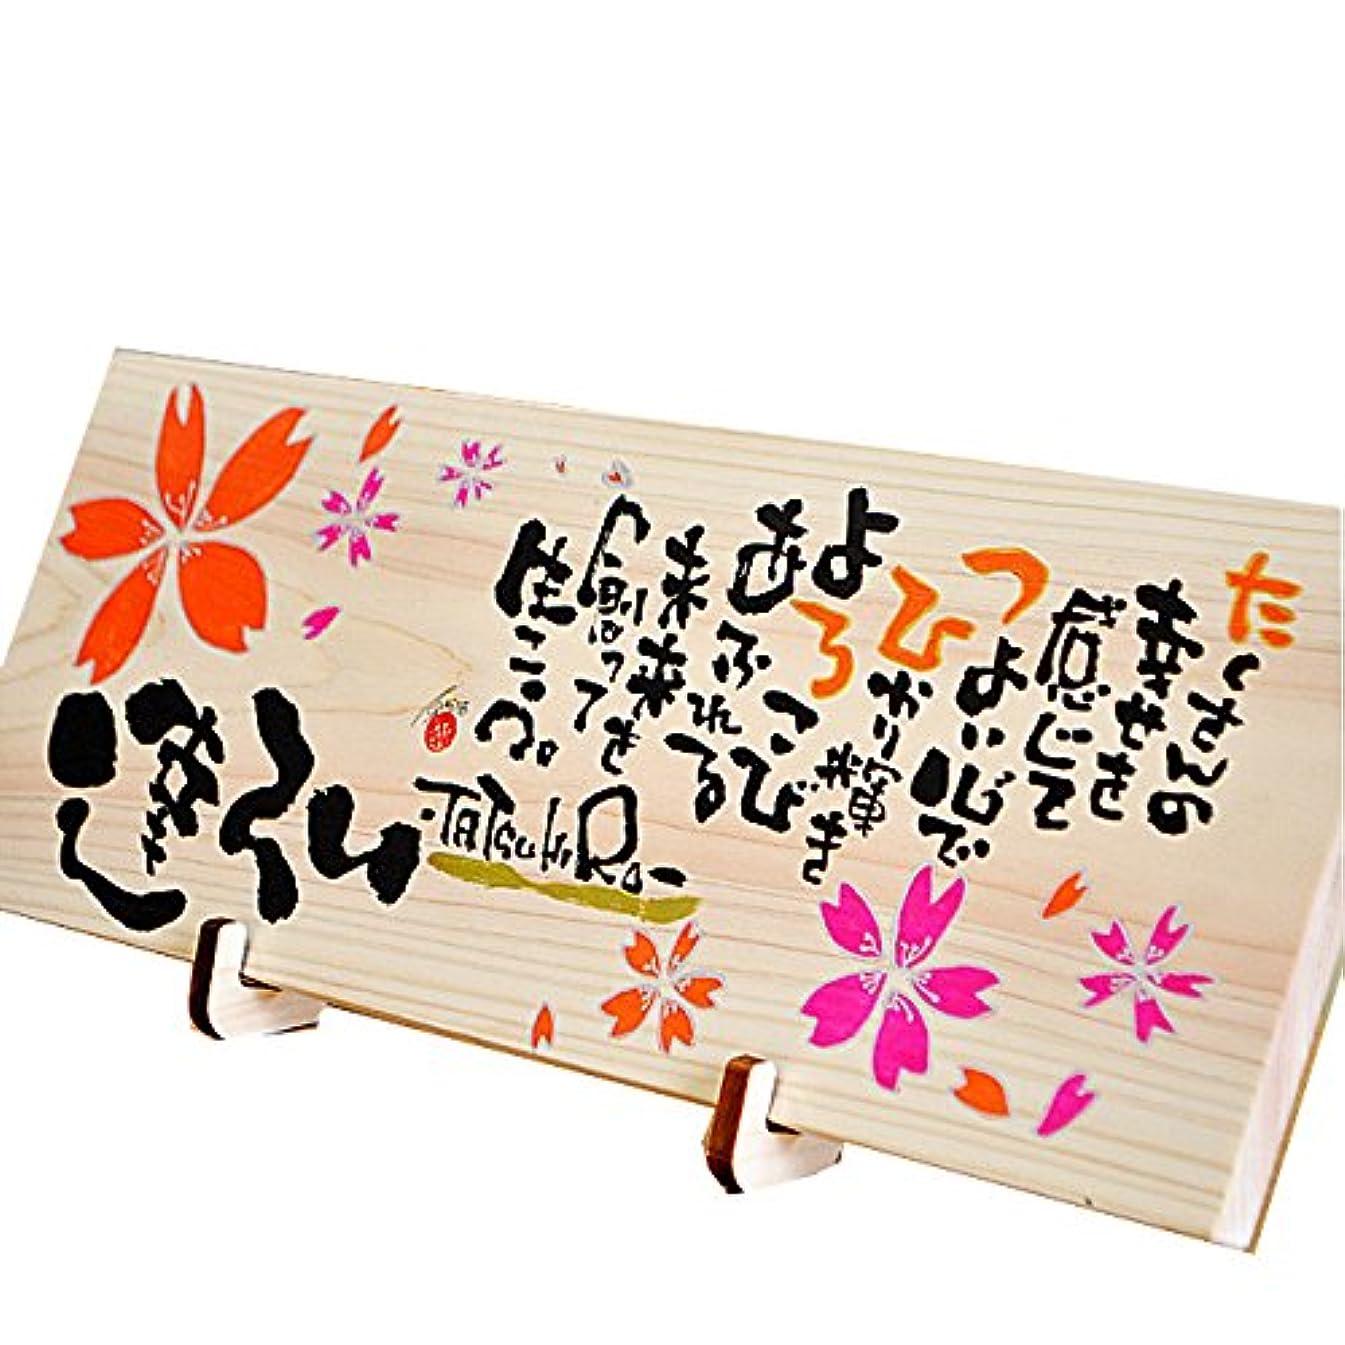 ばかげている曲拍車笑描き屋たくと 名前の詩 美作ヒノキ 長方形 Sakura-桜- 天然木 桧 ひのき 記念日 誕生日 開店祝い 新築祝い 開業祝い 各種お祝い用